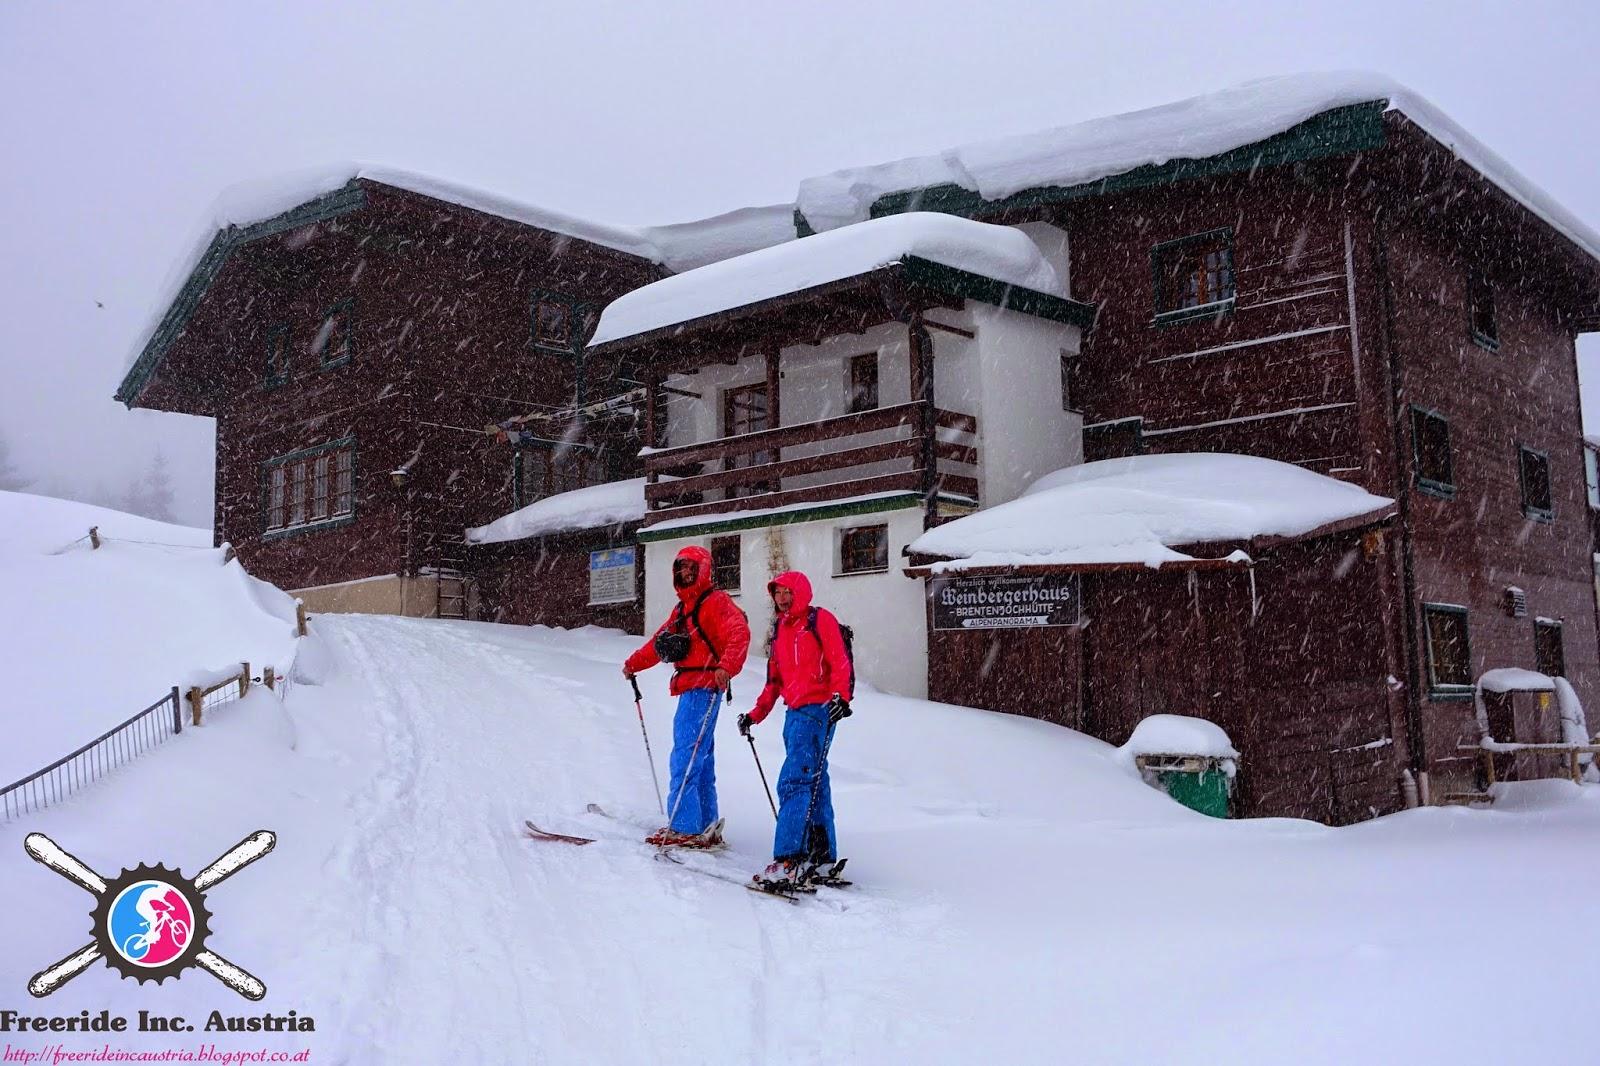 Aschenbrenner Kufstein Skitour